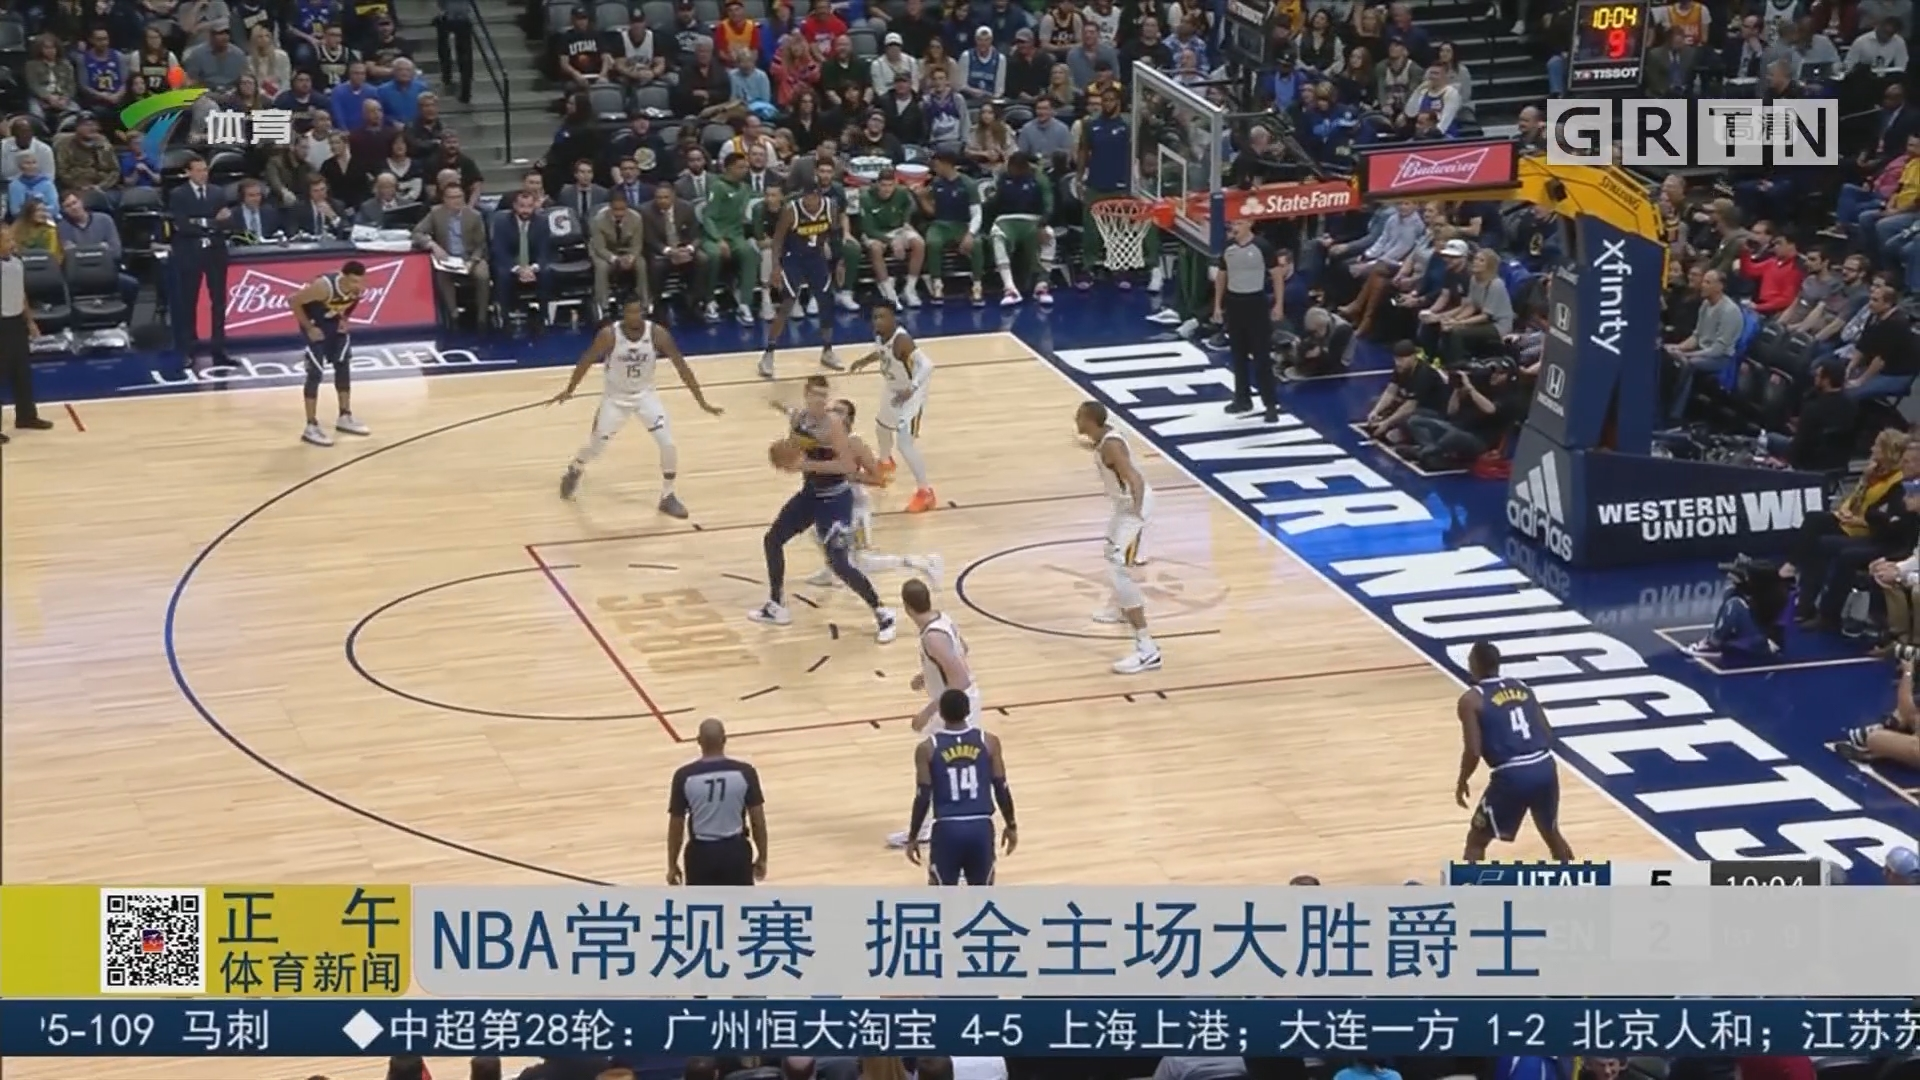 NBA常规赛 掘金主场大胜爵士